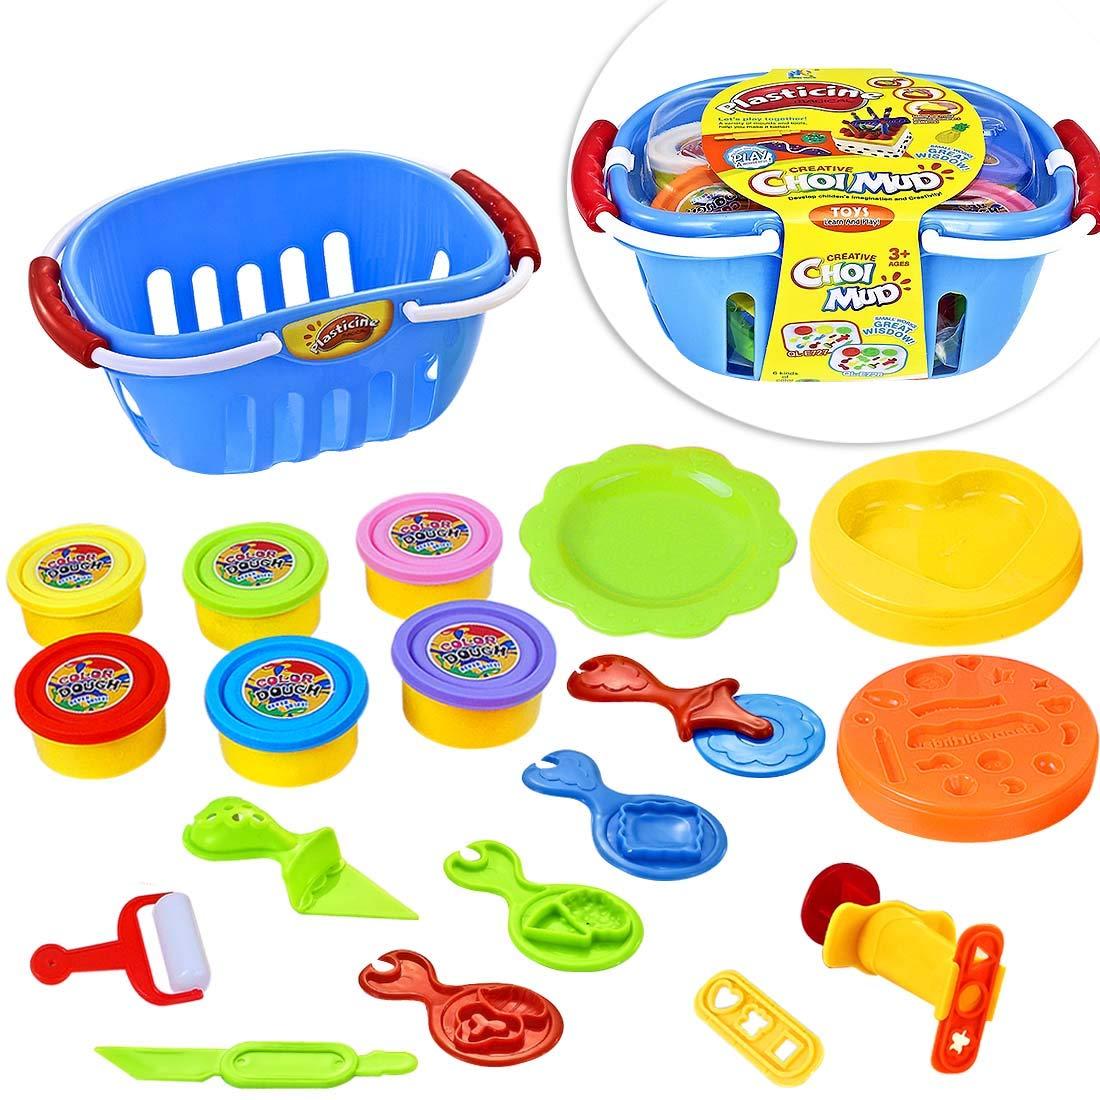 LISOPO 19pcs Pâte à Modeler Argile pour Les Enfants Emporte-pièces Moules Kit pour Argile Jouet créatif des Enfants Coupeurs de Biscuits pour Enfants (L) product image